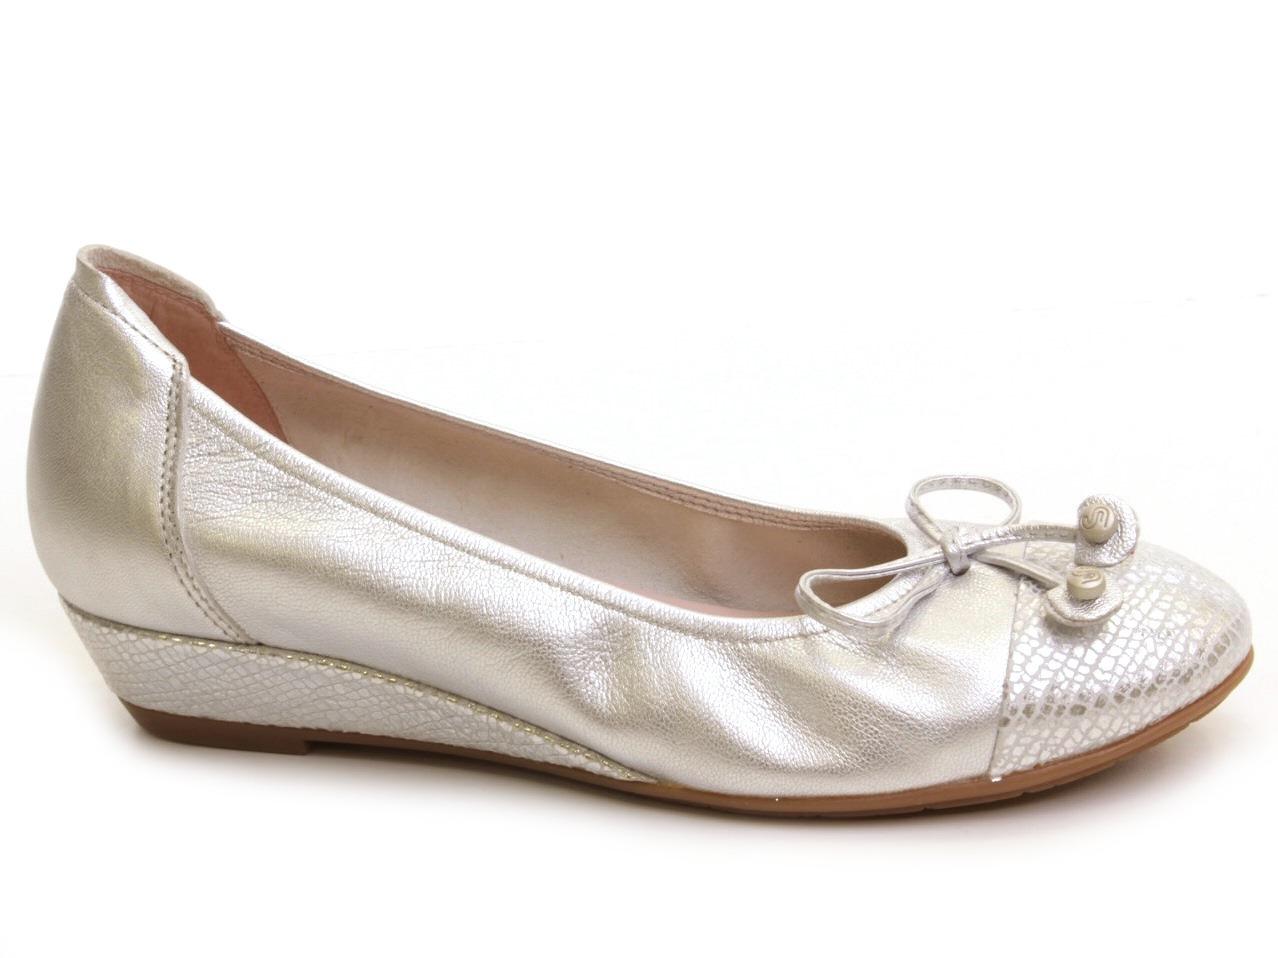 Chaussures Plates, Ballerine, Mocassins Sabrinas - 445 34851